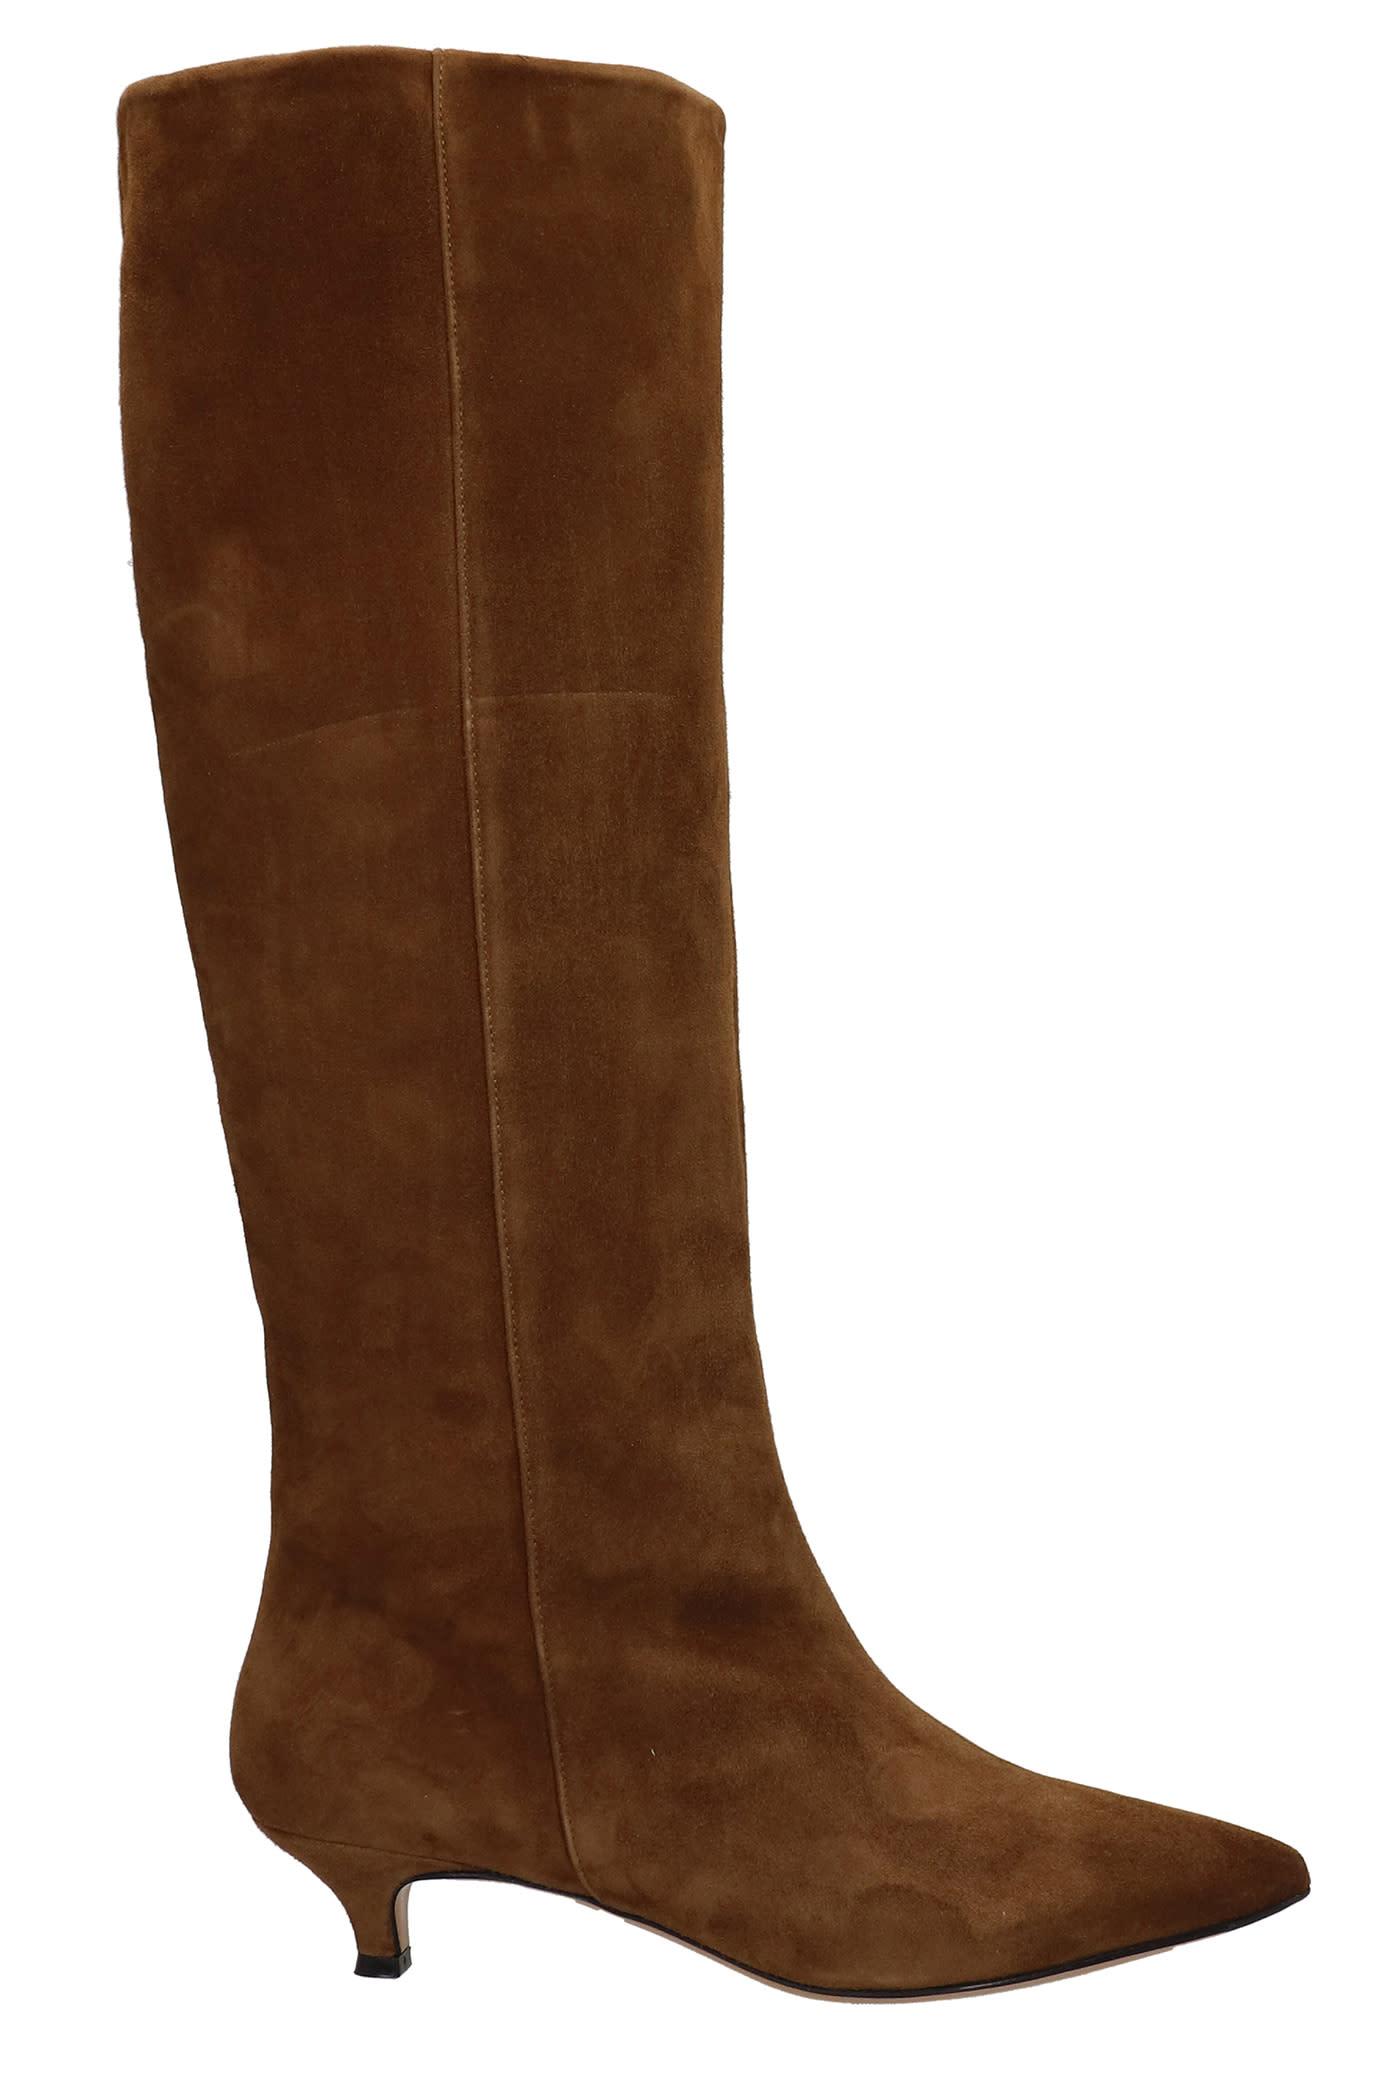 Low Heels Boots In Brown Suede